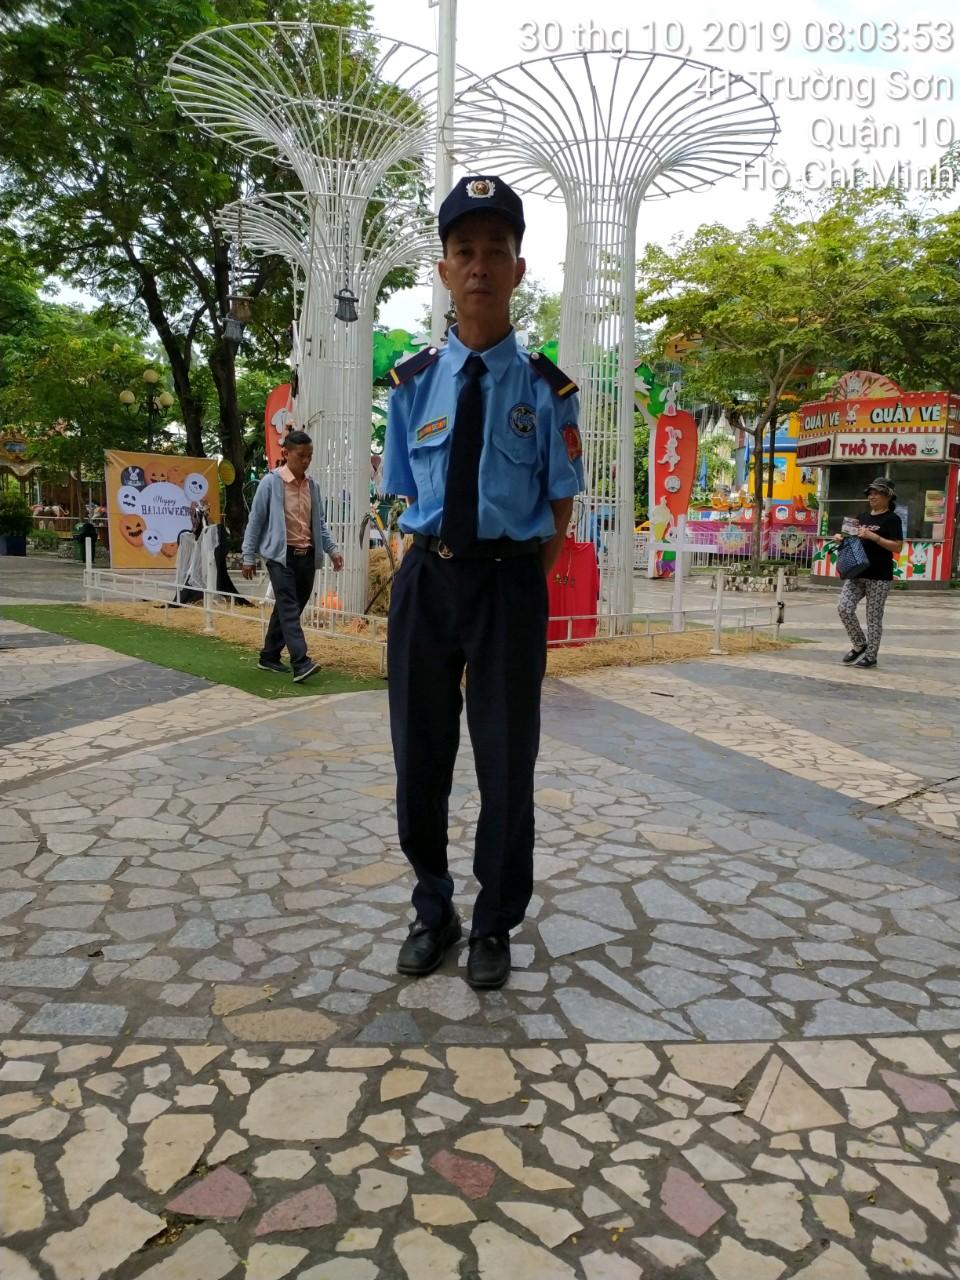 Dịch vụ bảo vệ chuyên nghiệp tây ninh 247